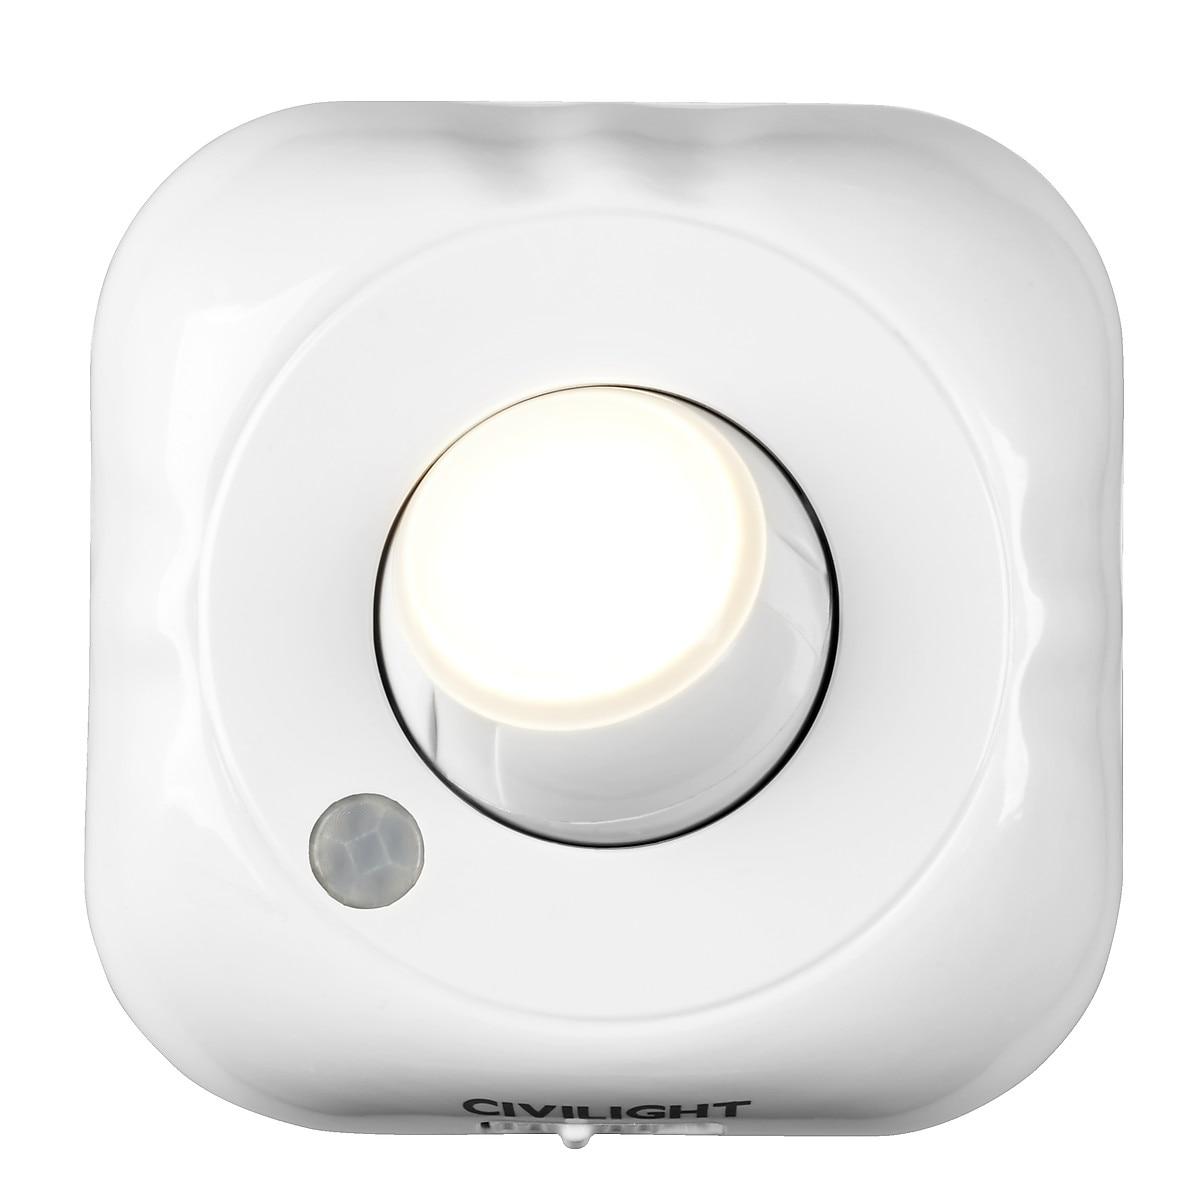 LED-belysning med sensor